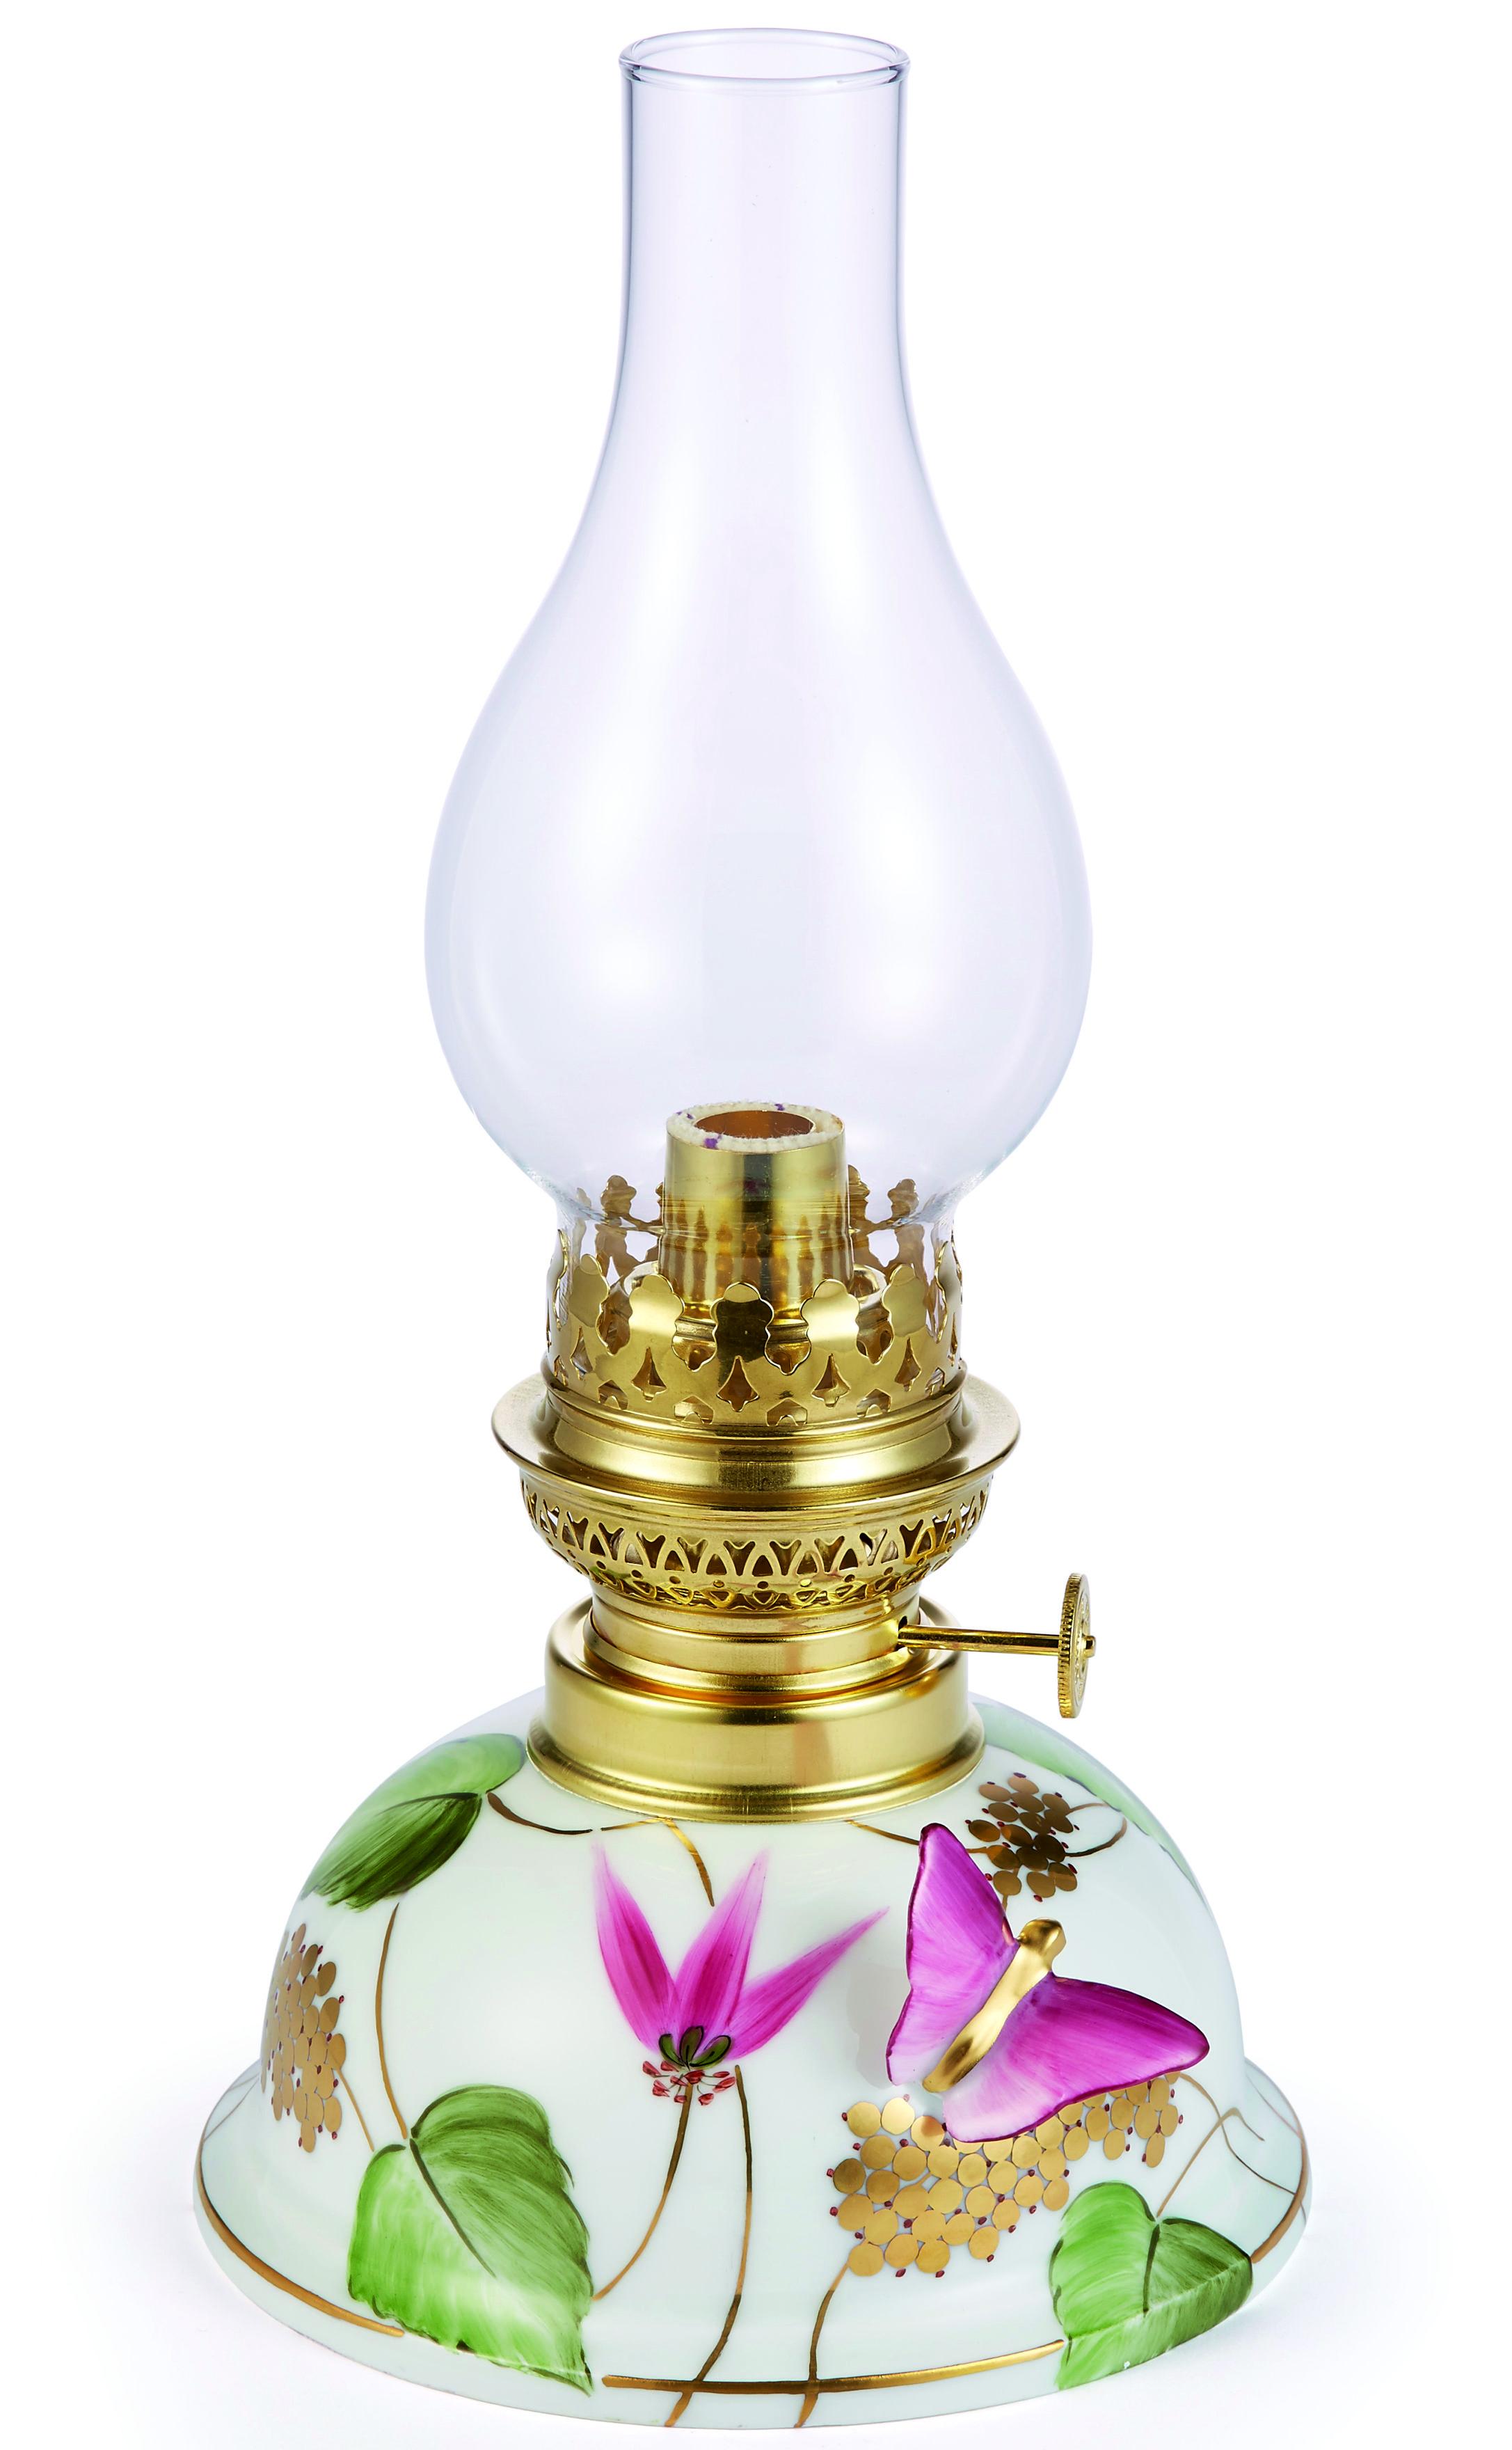 df72e847e2 Ets GAUDARD A.&P. Lampes de Fabrication Artisanale Française à ...